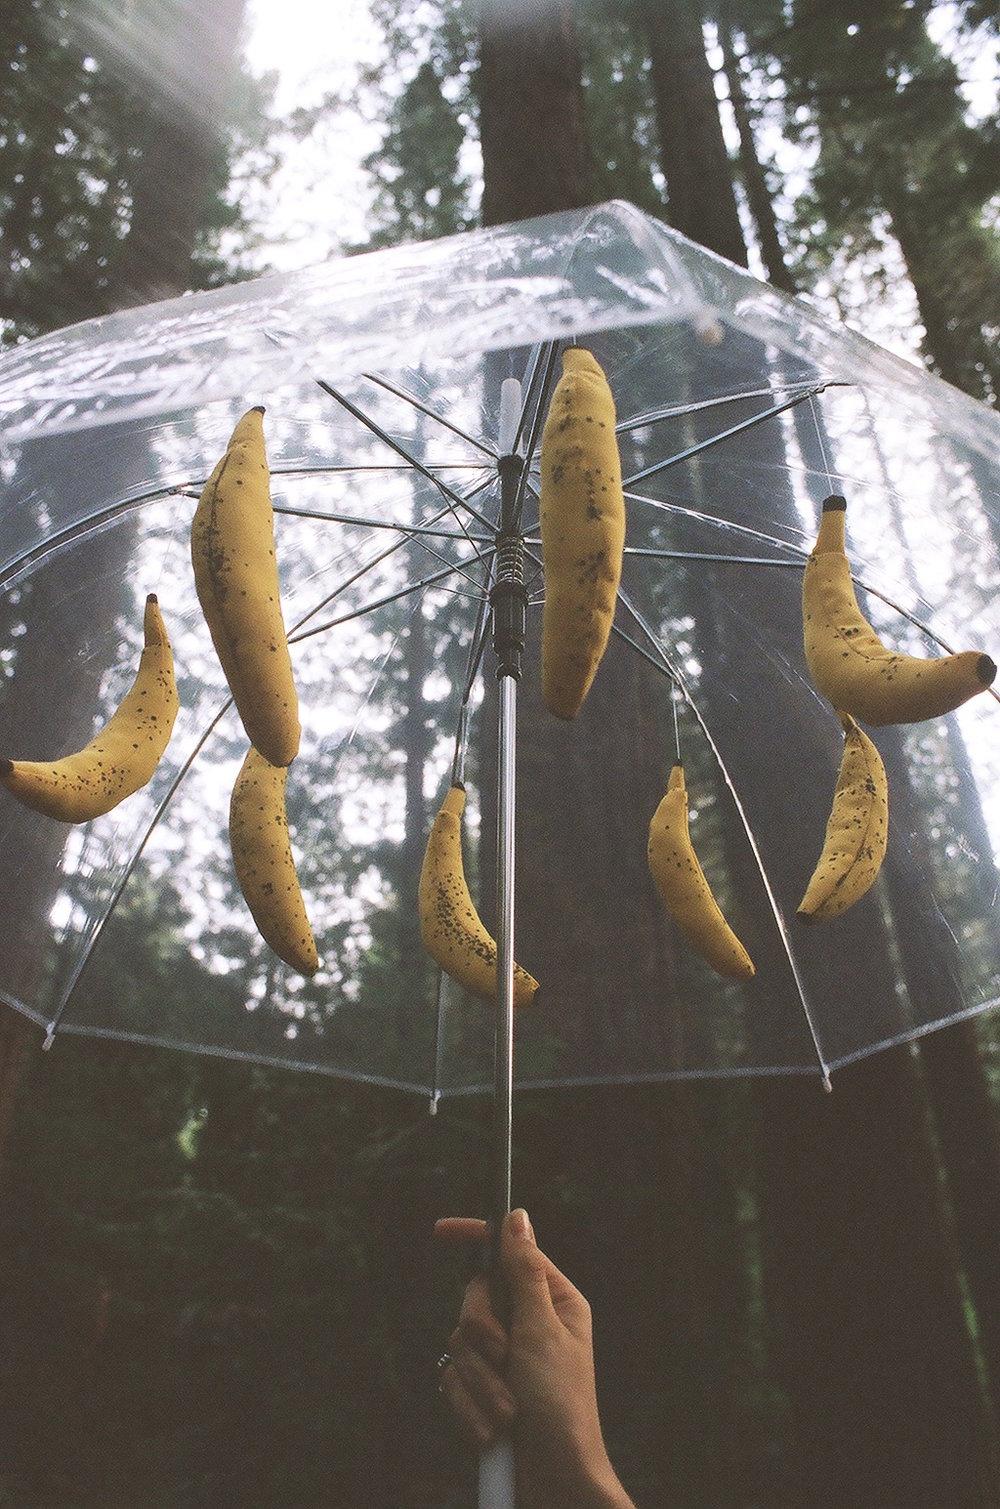 RIPE   fabric, polyfill, umbrella